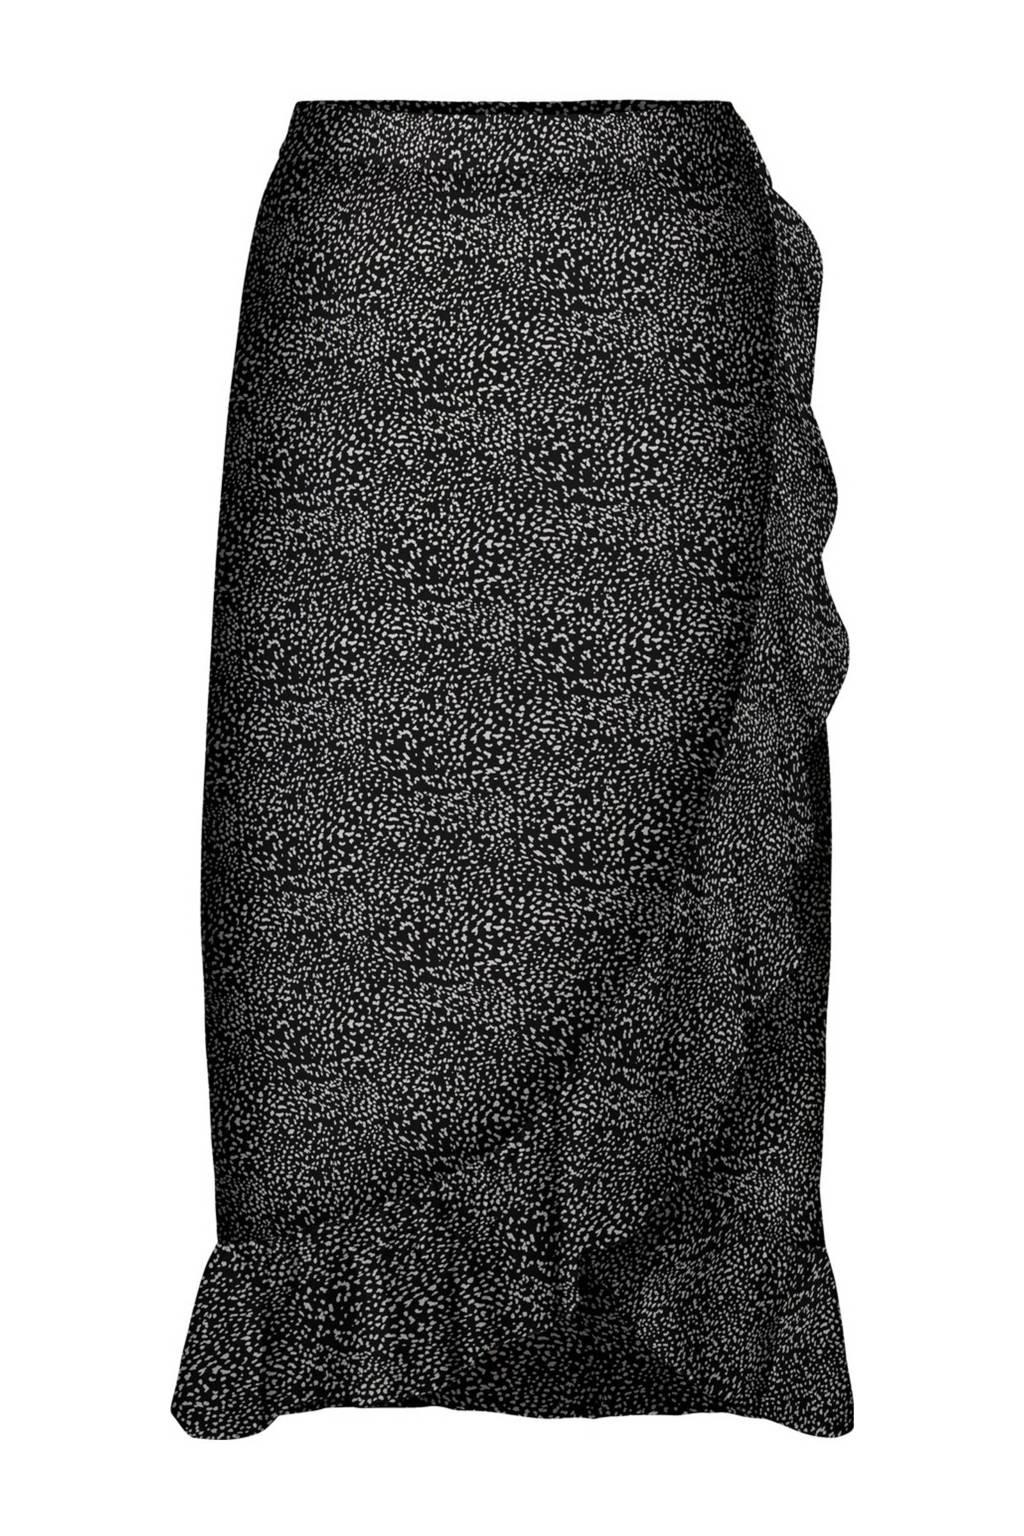 VERO MODA rok met all over print en volant zwart/wit, Zwart/wit